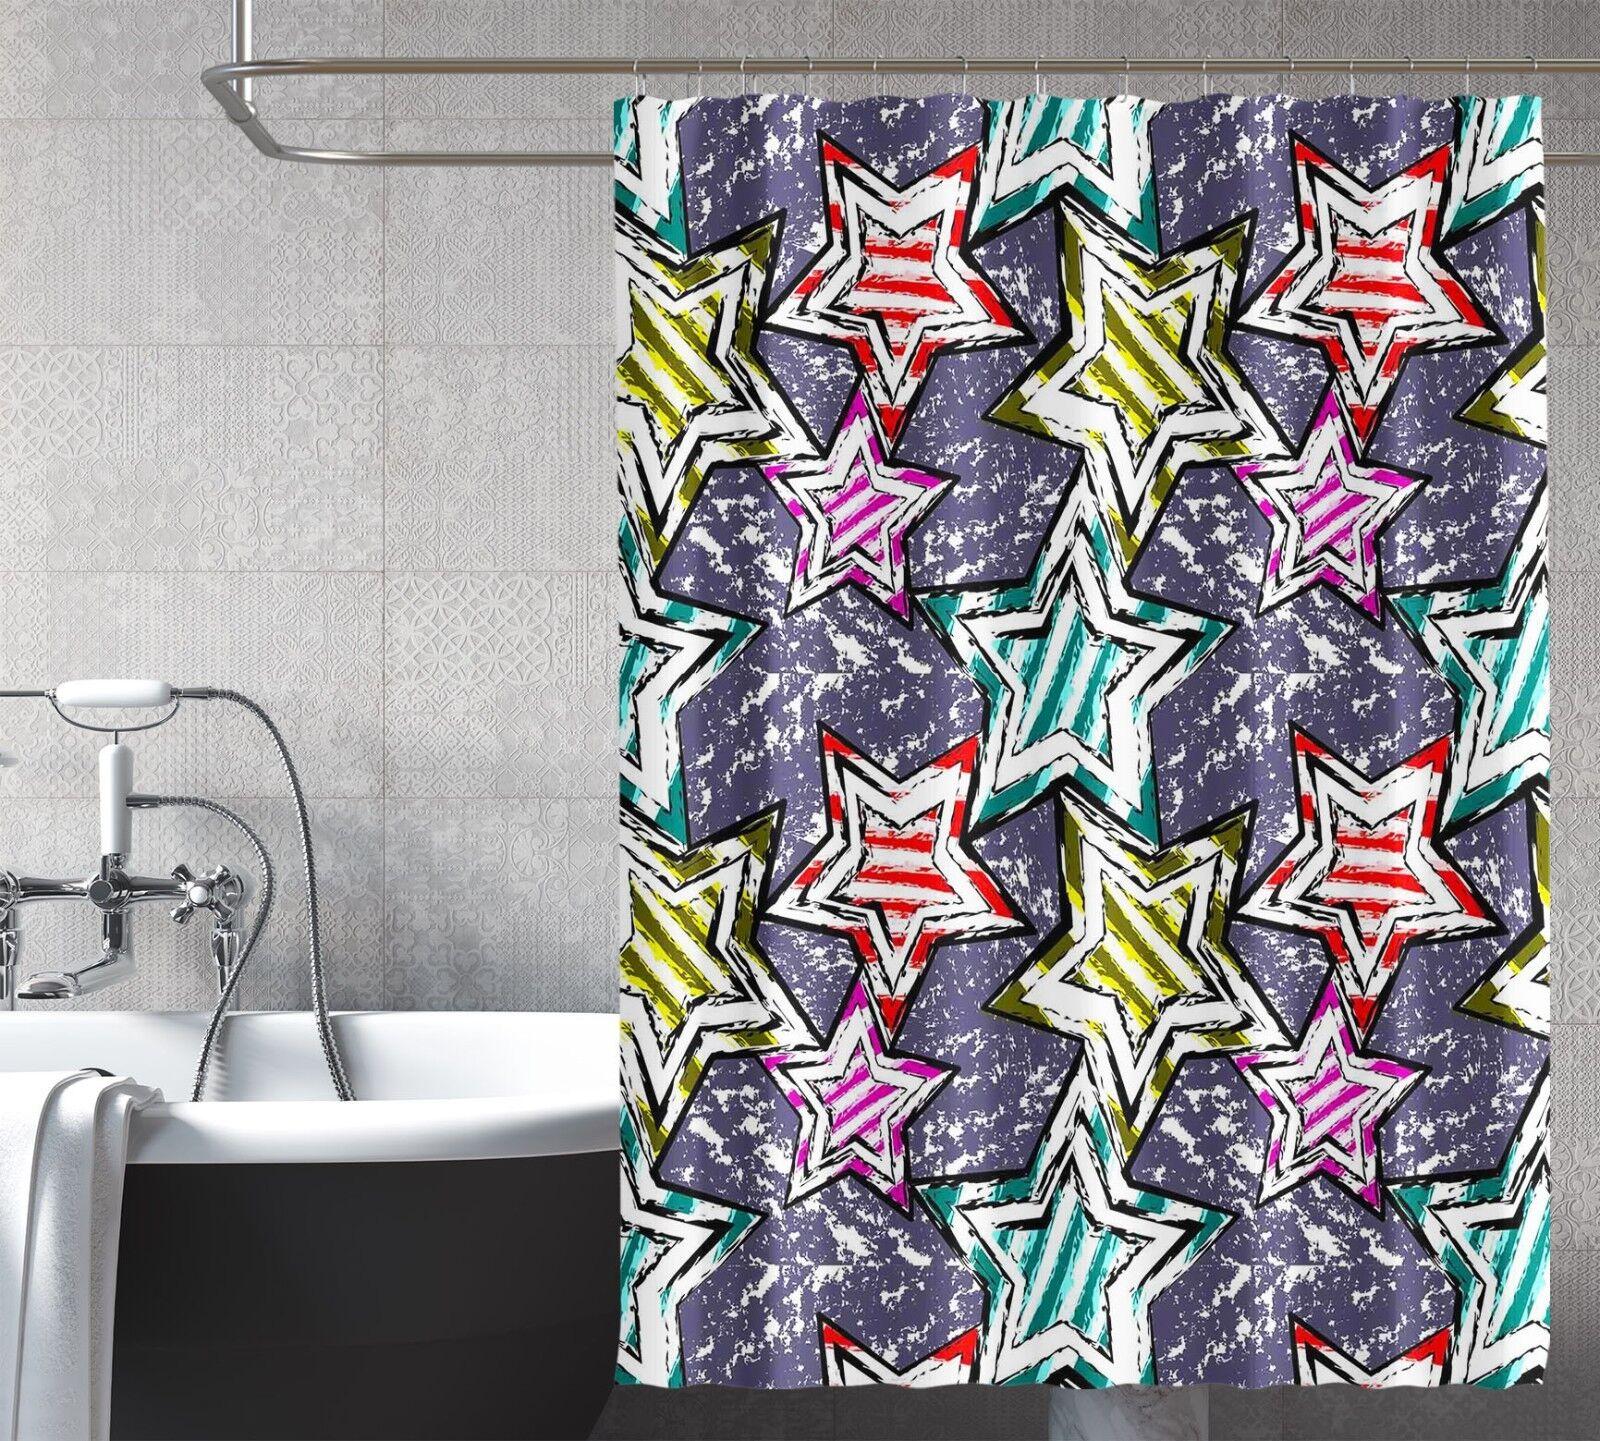 3D STAR peinture 25 Rideau de Douche Imperméable Fibre Salle de Bain Home Windows Toilette